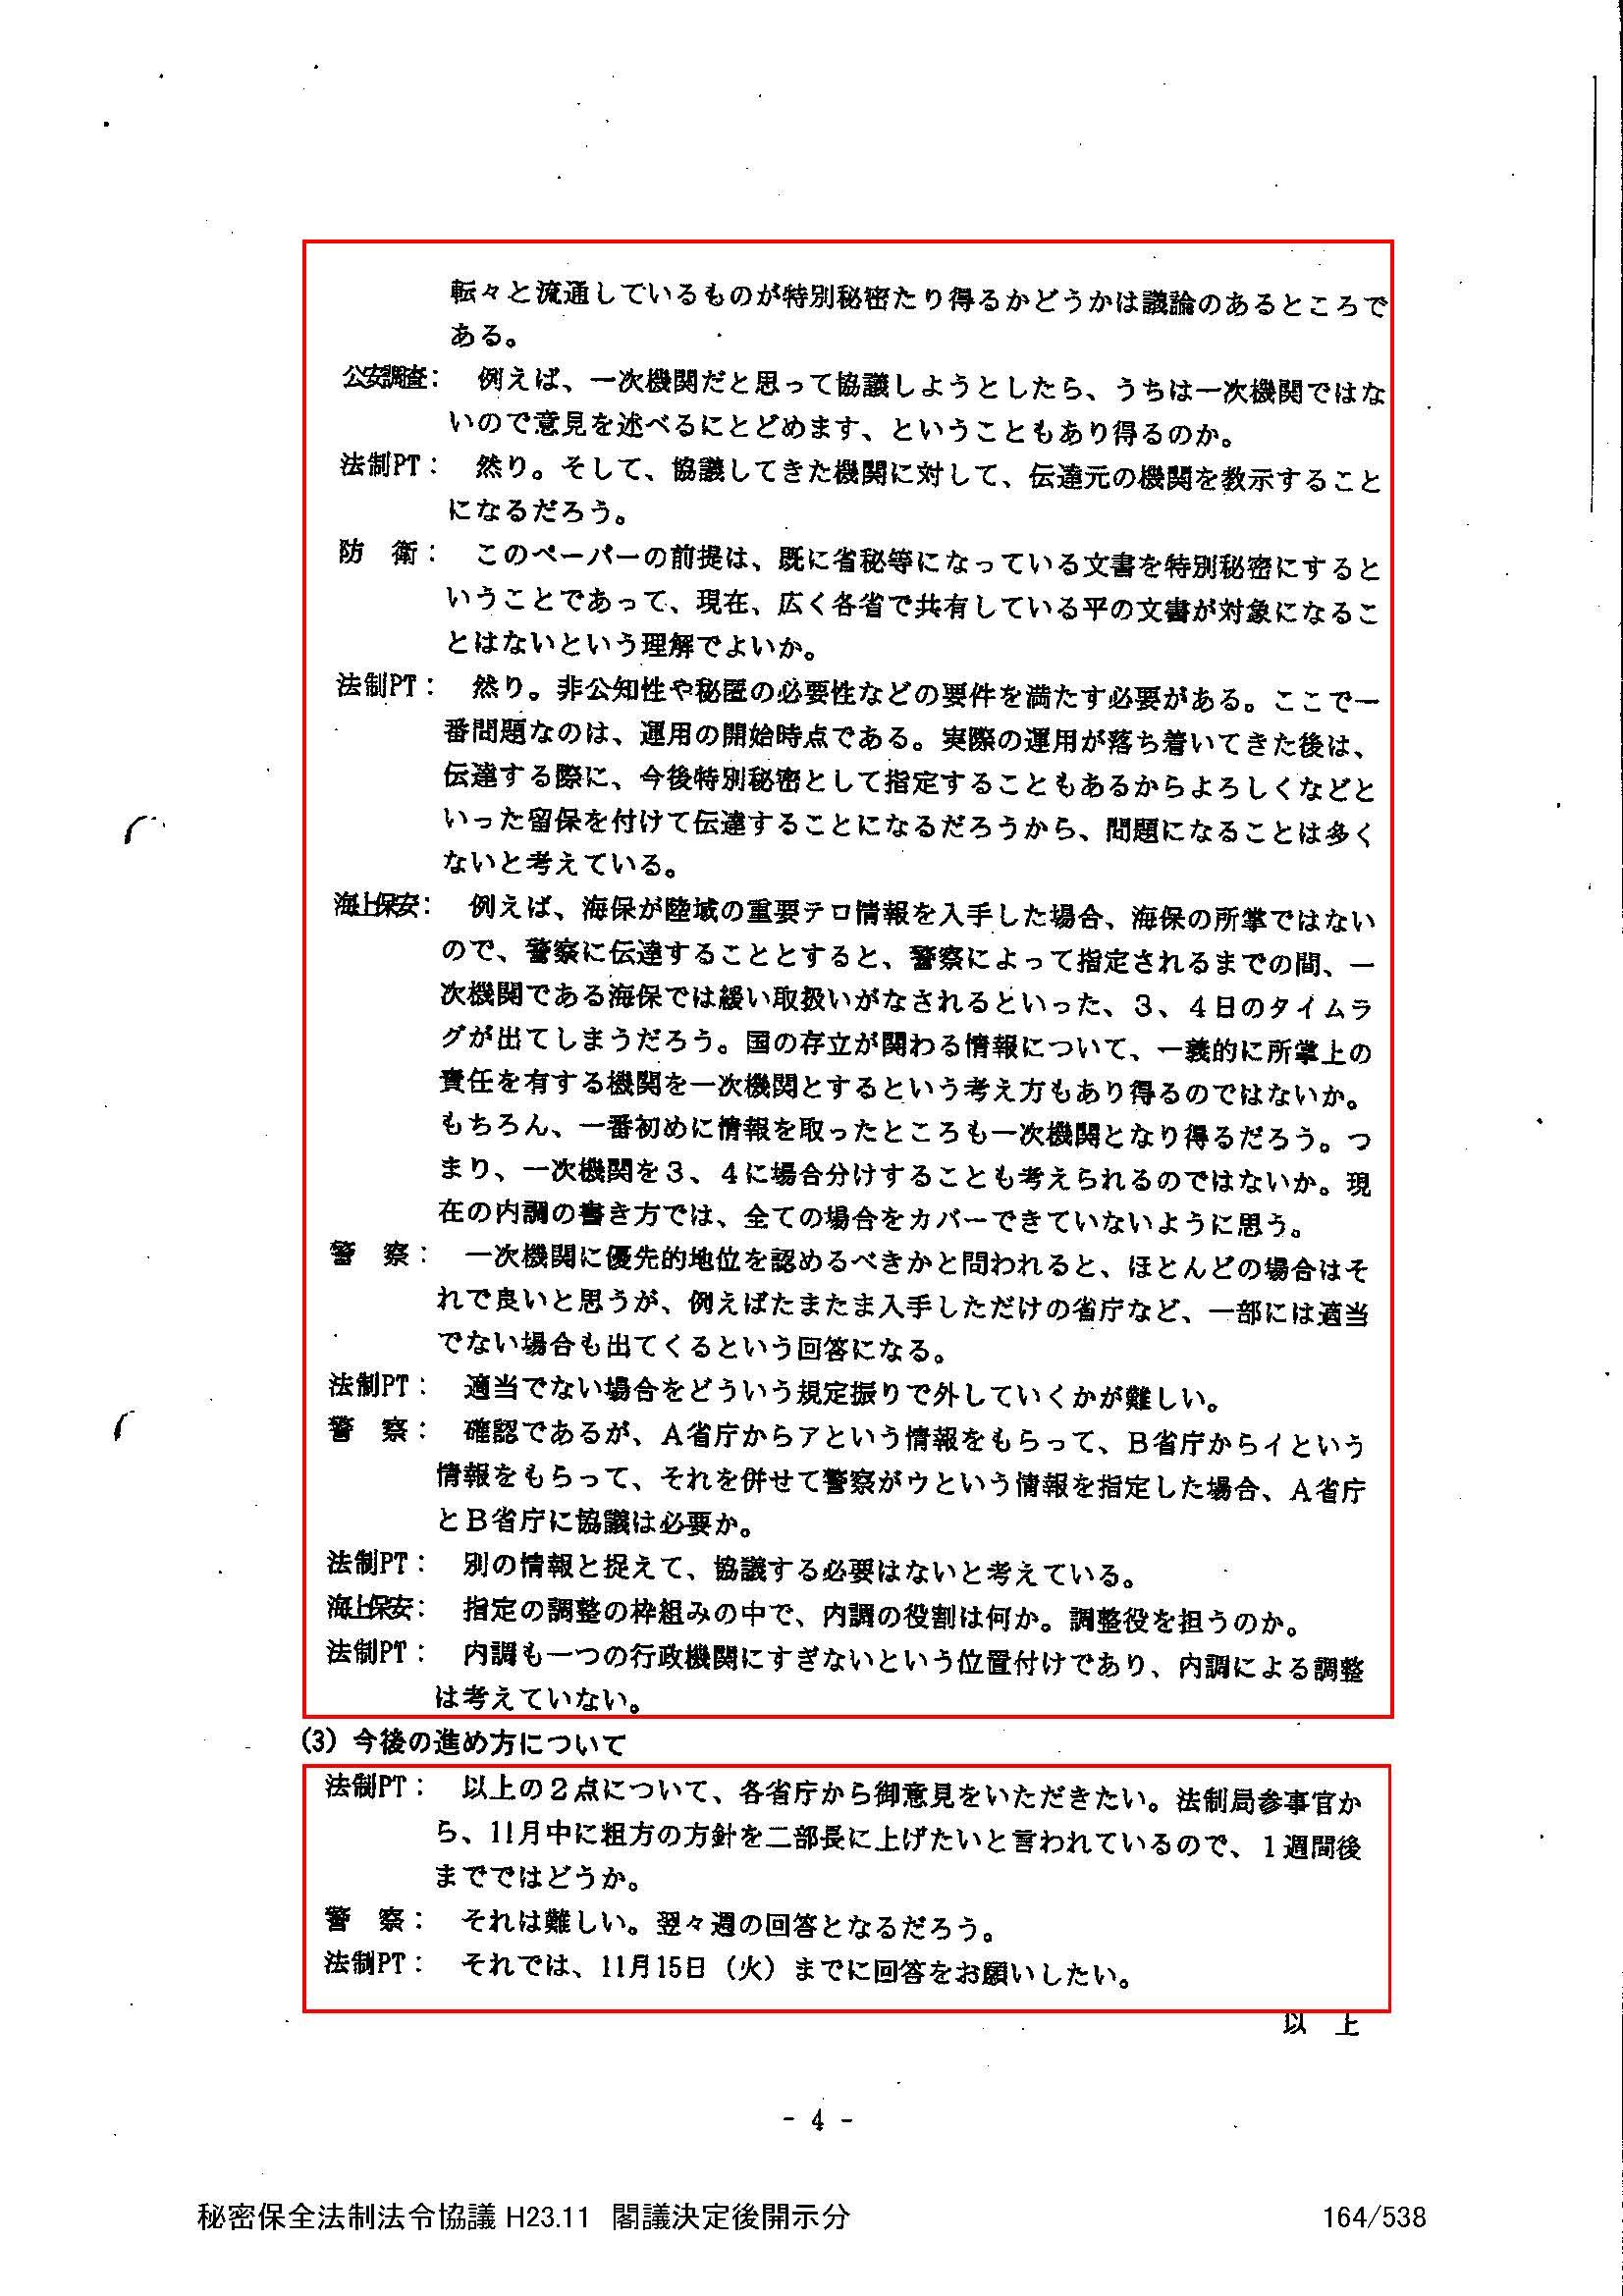 秘密保護法情報公開訴訟通信(8) 12月19日の弁論準備期日のご報告_d0011701_16274496.jpg